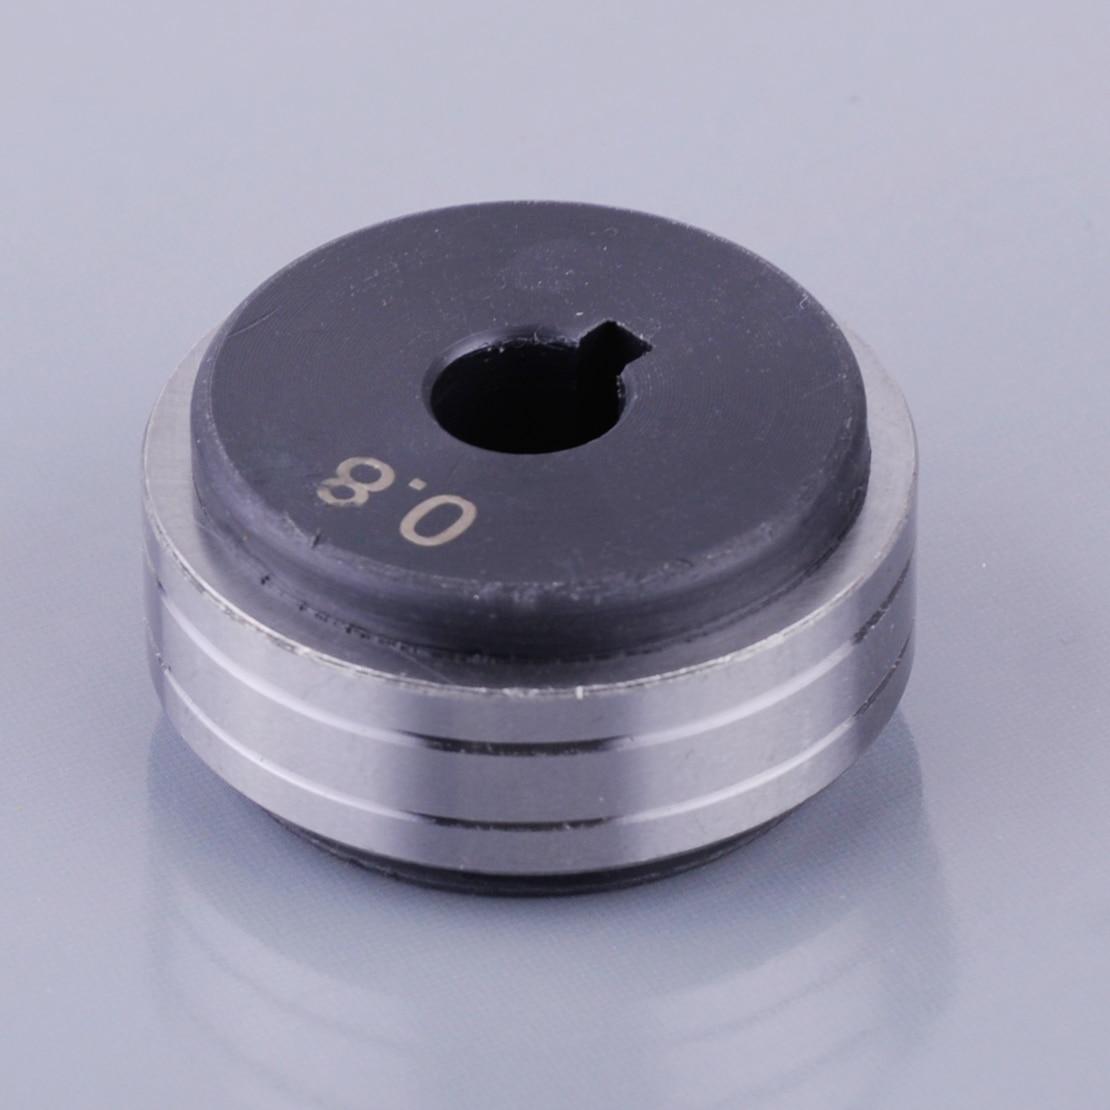 LETAOSK 0,6-0,8 Mig-schweißgerät Drahtvorschub Antriebsrolle Ersatzteile Kunrled-Nut. 030